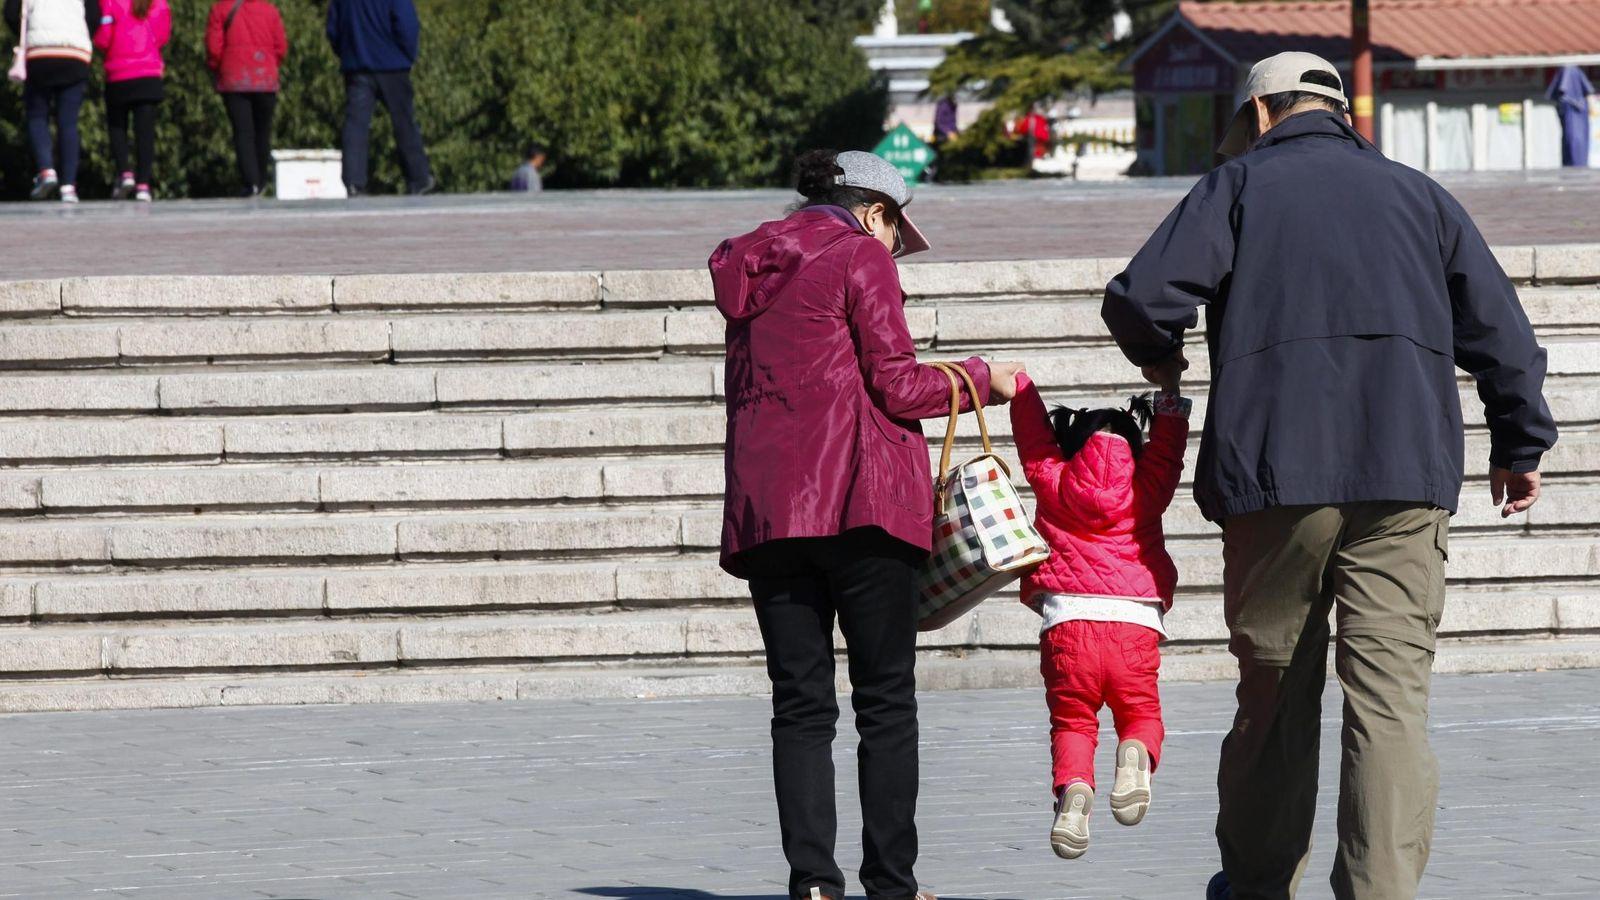 Foto: Dos abuelos sacan de paseo a su nieta en un parque de Pekín (China). (EFE)